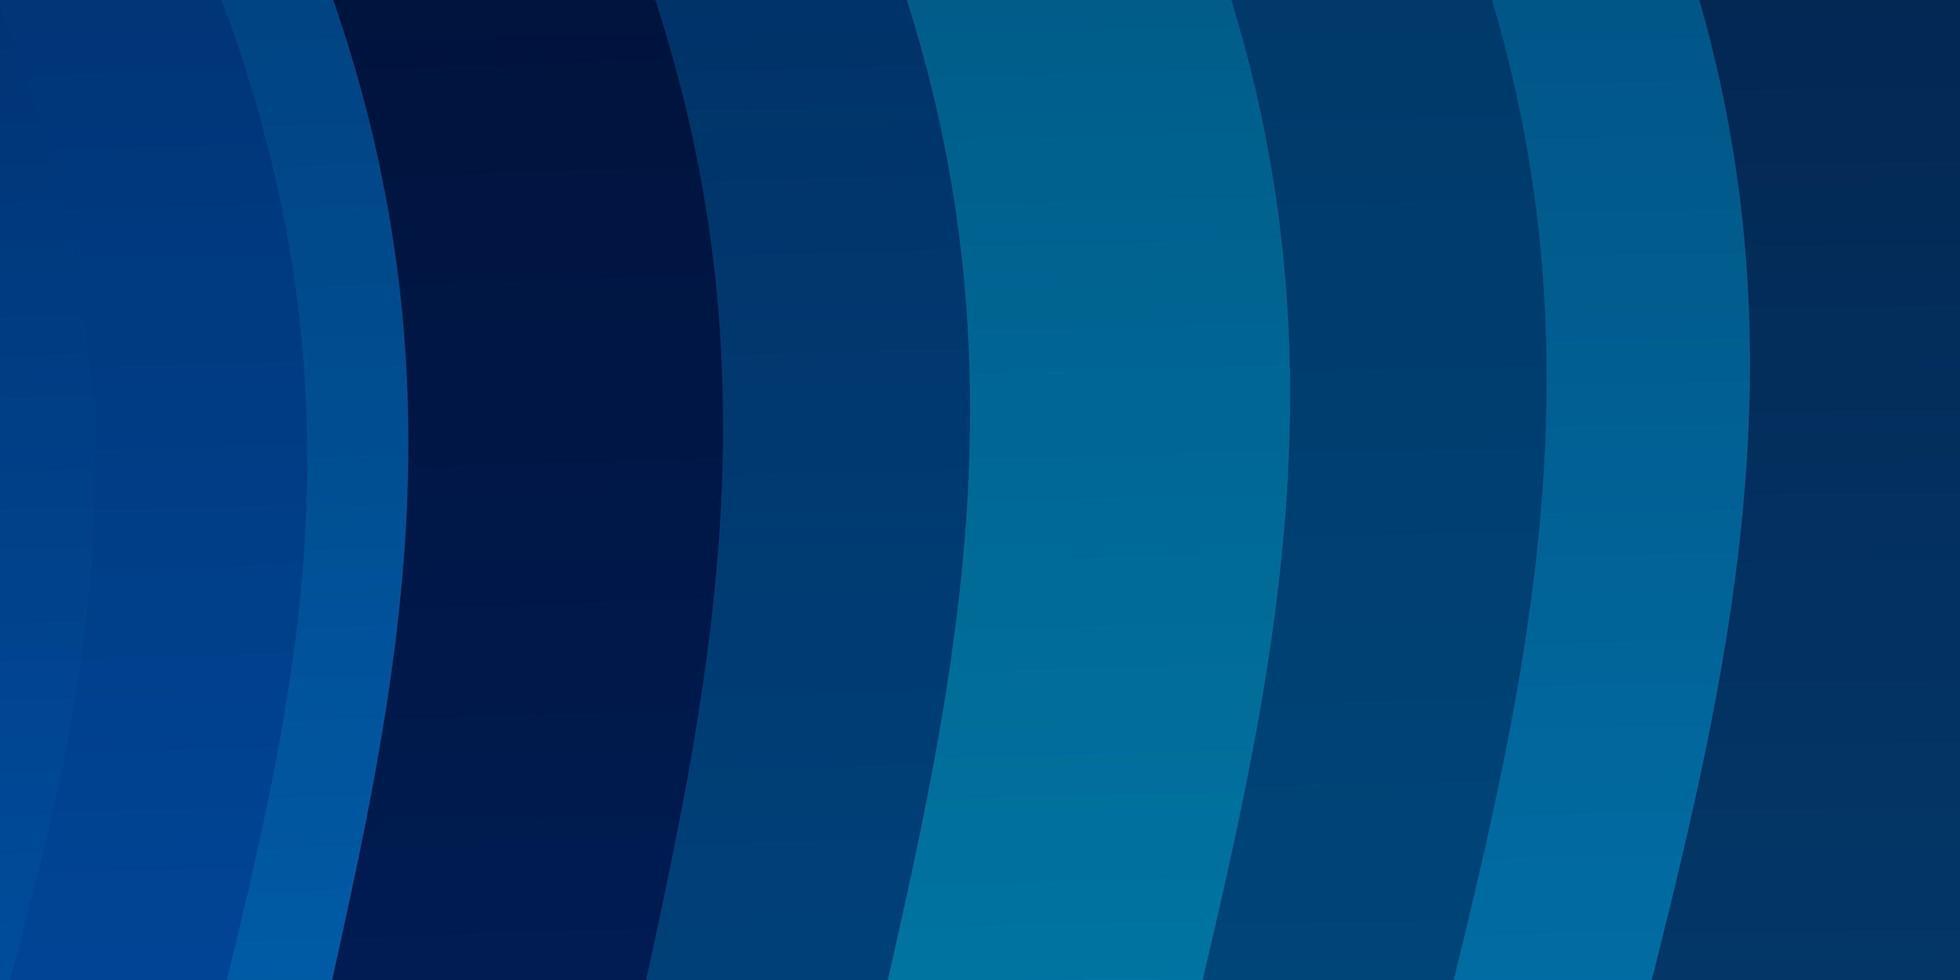 padrão de vetor azul claro com curvas.